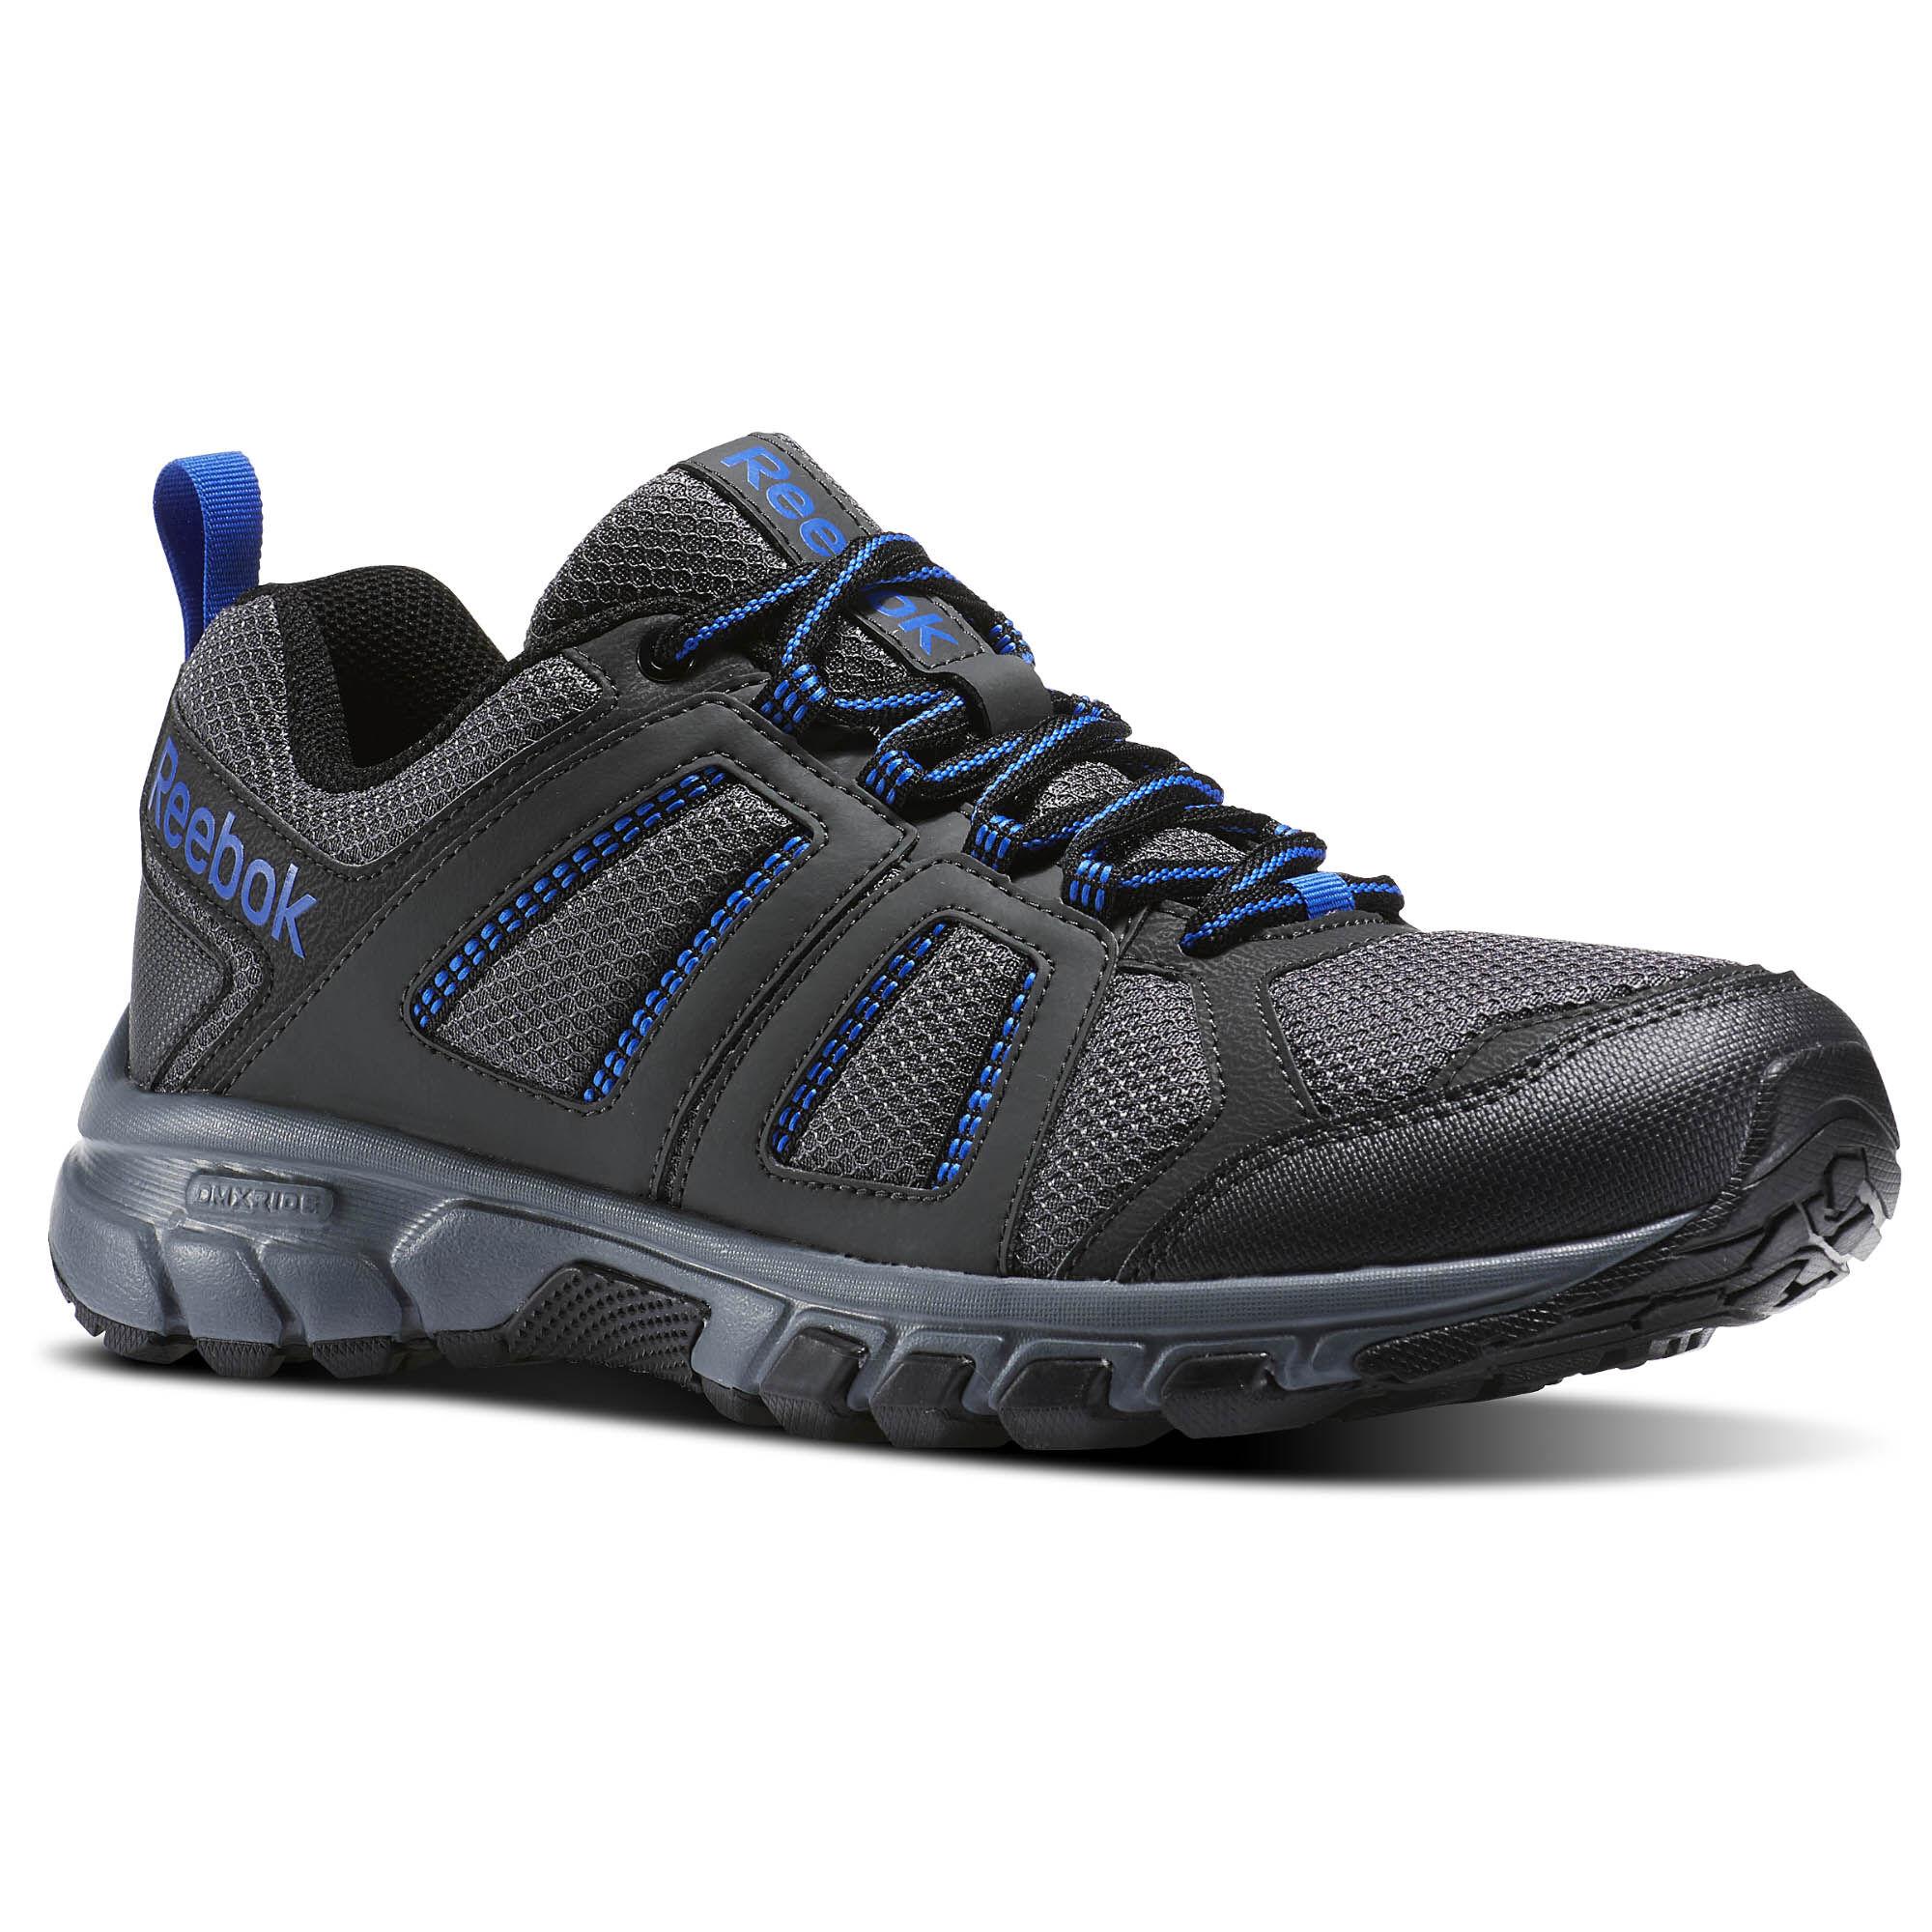 Reebok - DMX Ride Comfort RS 3.0 Ash Grey/Coal/Vital Blue/Alloy